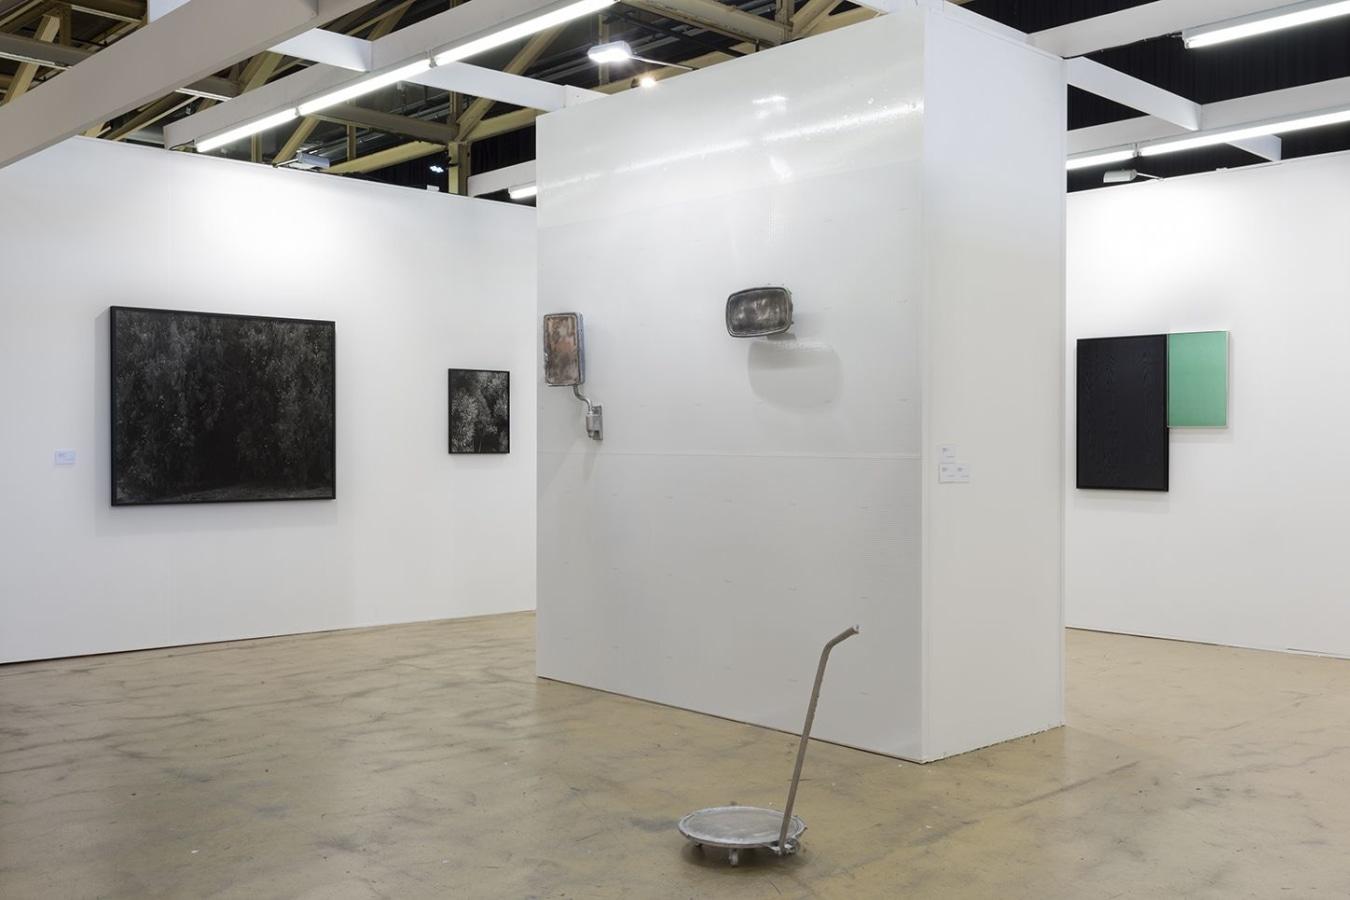 Art Rotterdam 2019, Ed van der Elsken, Awoiska van der Molen, Antonis Pittas, Sarah van Sonsbeeck,